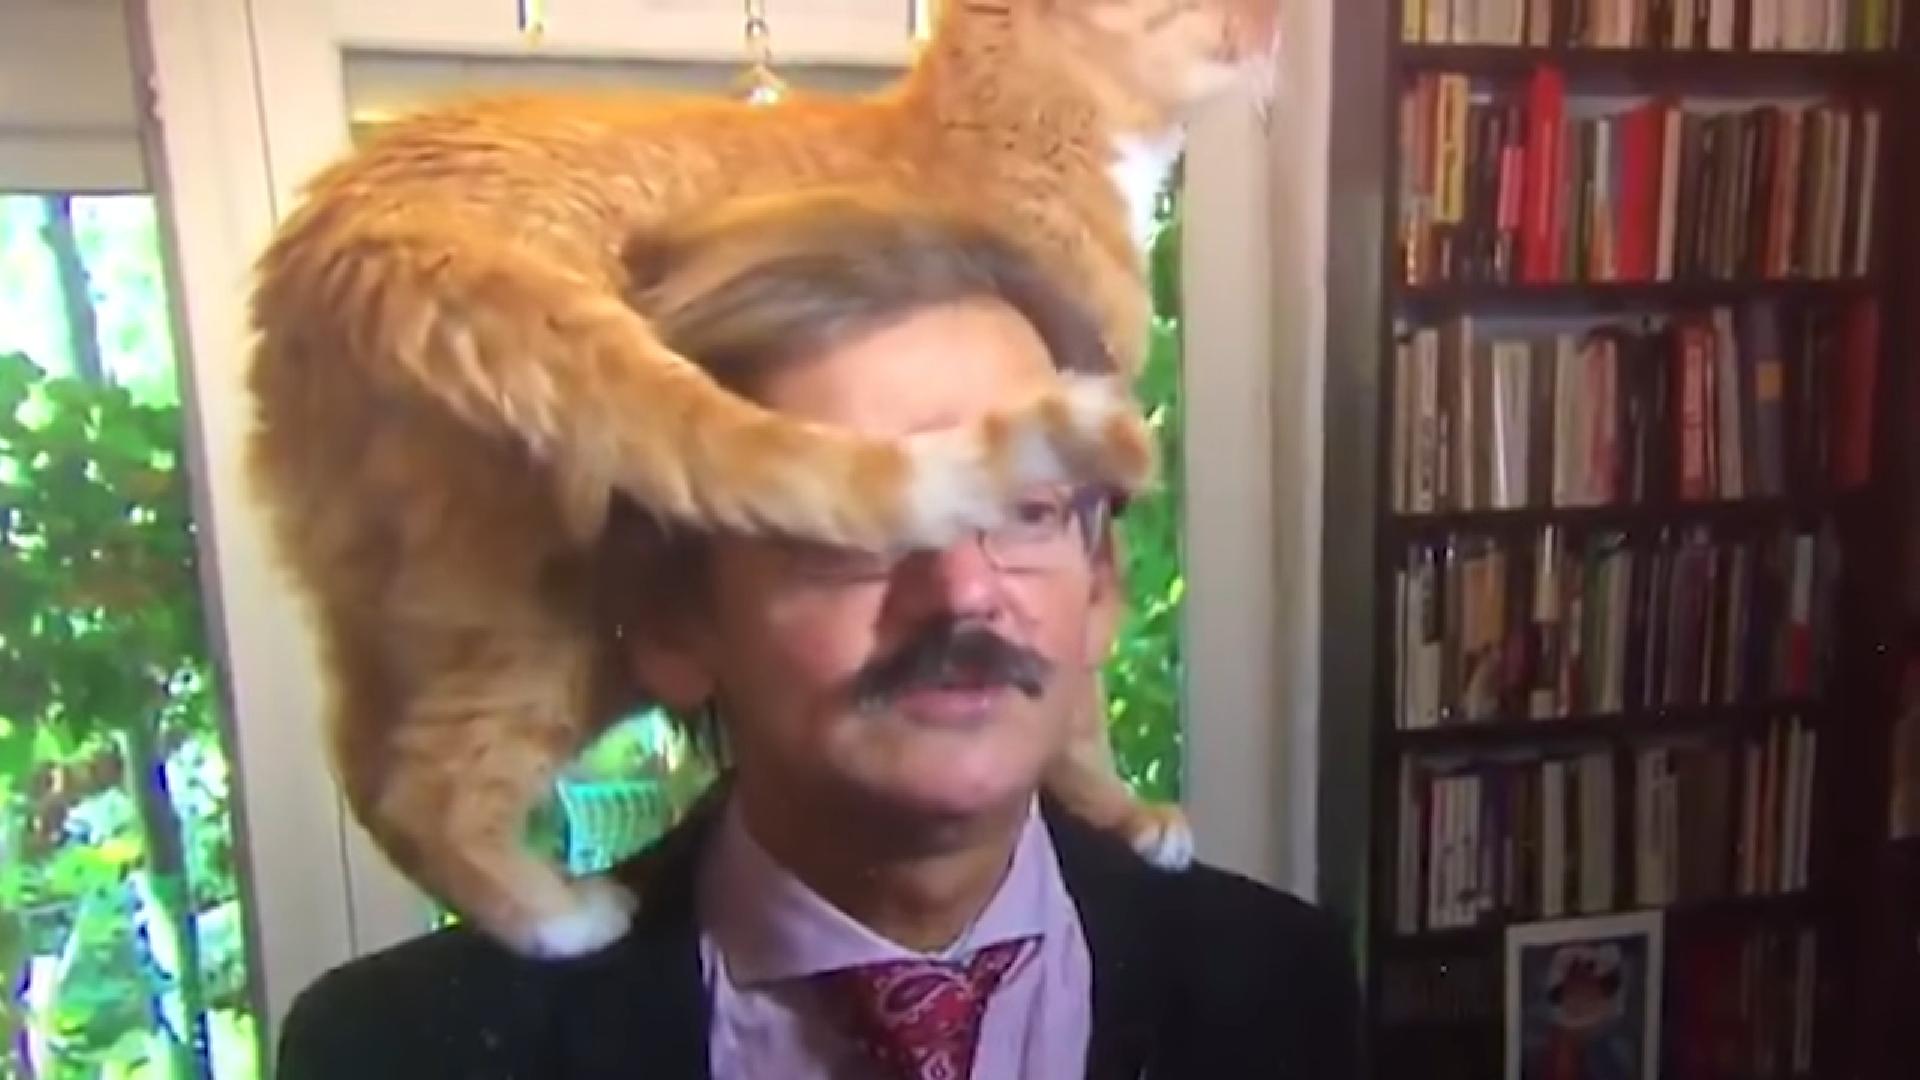 Viralul zilei: Când pisica are mai multă notorietate decât tine